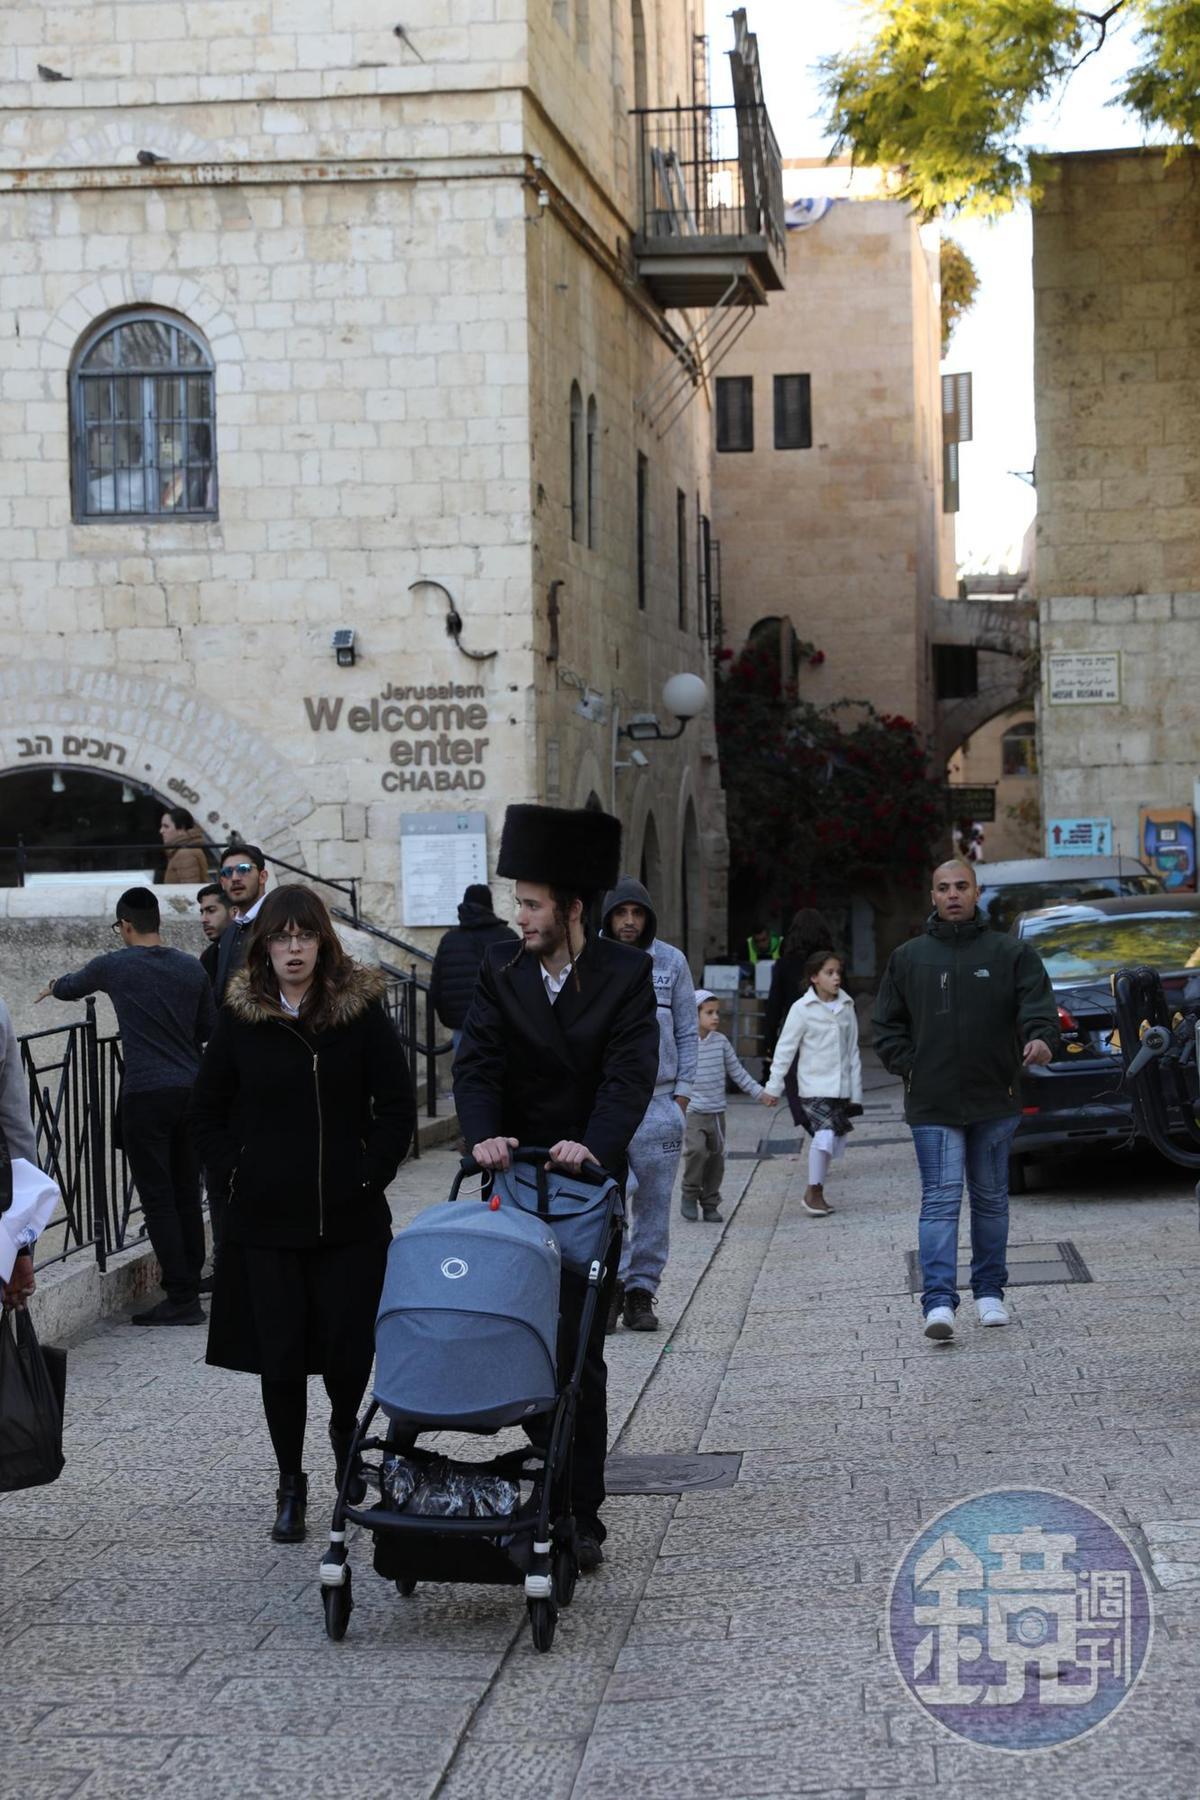 裝扮整齊的猶太人夫妻,在安息日推著嬰兒車出門。